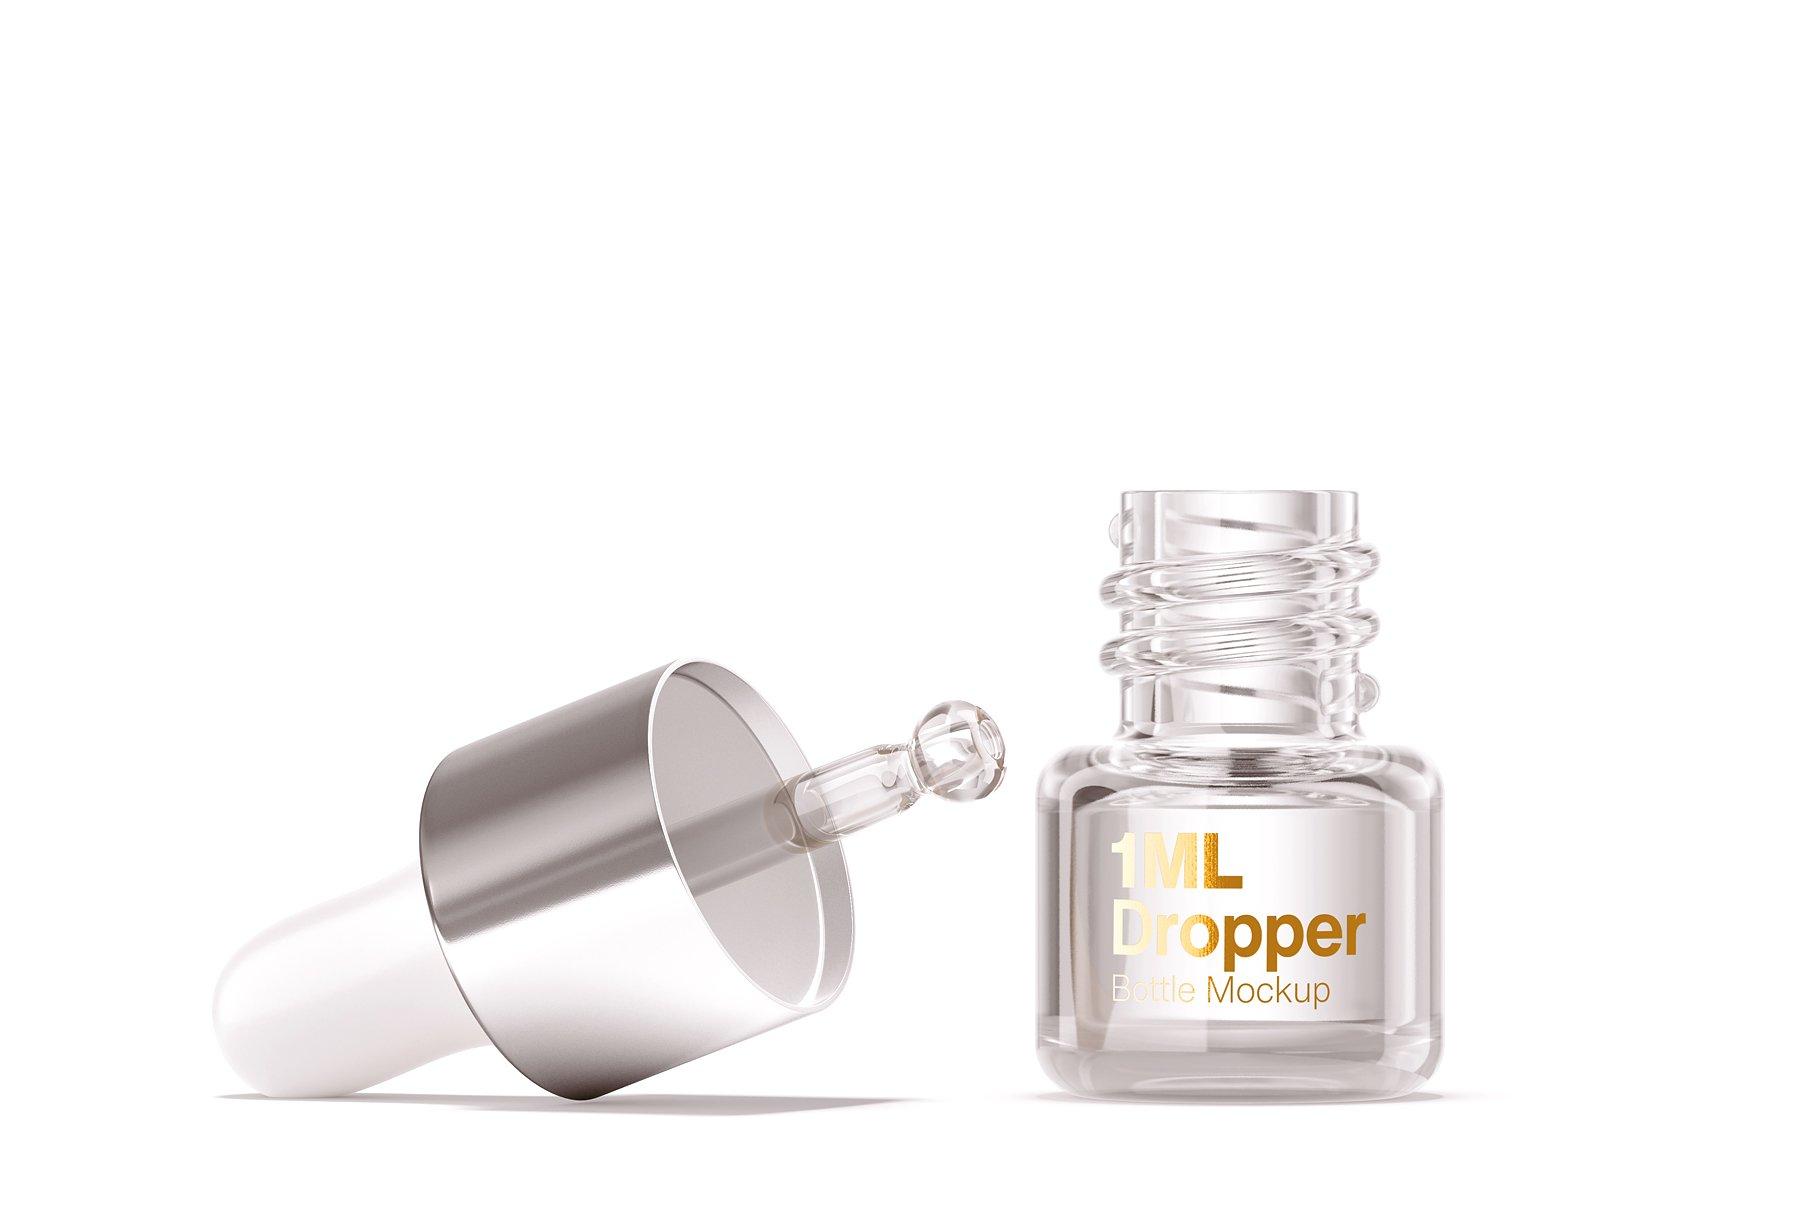 14个透明玻璃滴管瓶标签设计展示贴图样机模板 1ml Clear Glass Bottle Mockup插图4